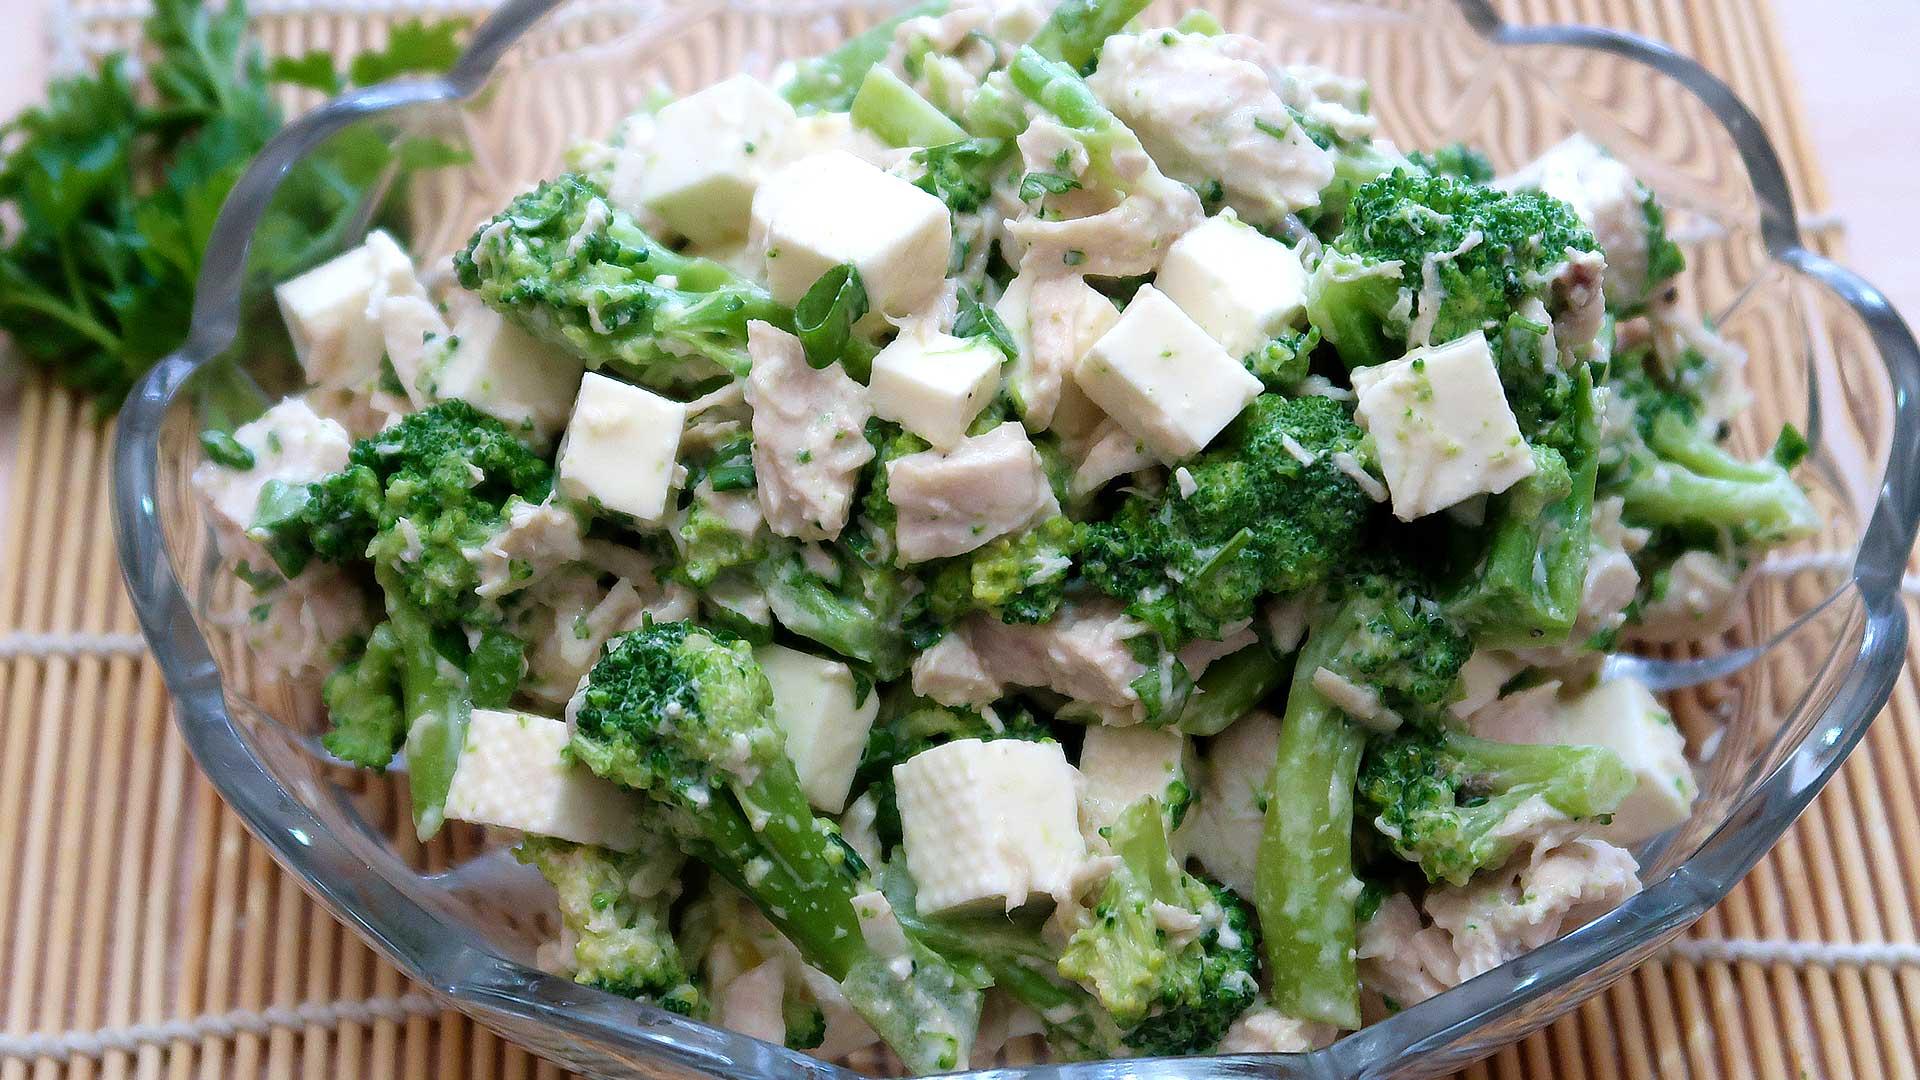 салат из брокколи рецепты с фото простые одно столетие местные